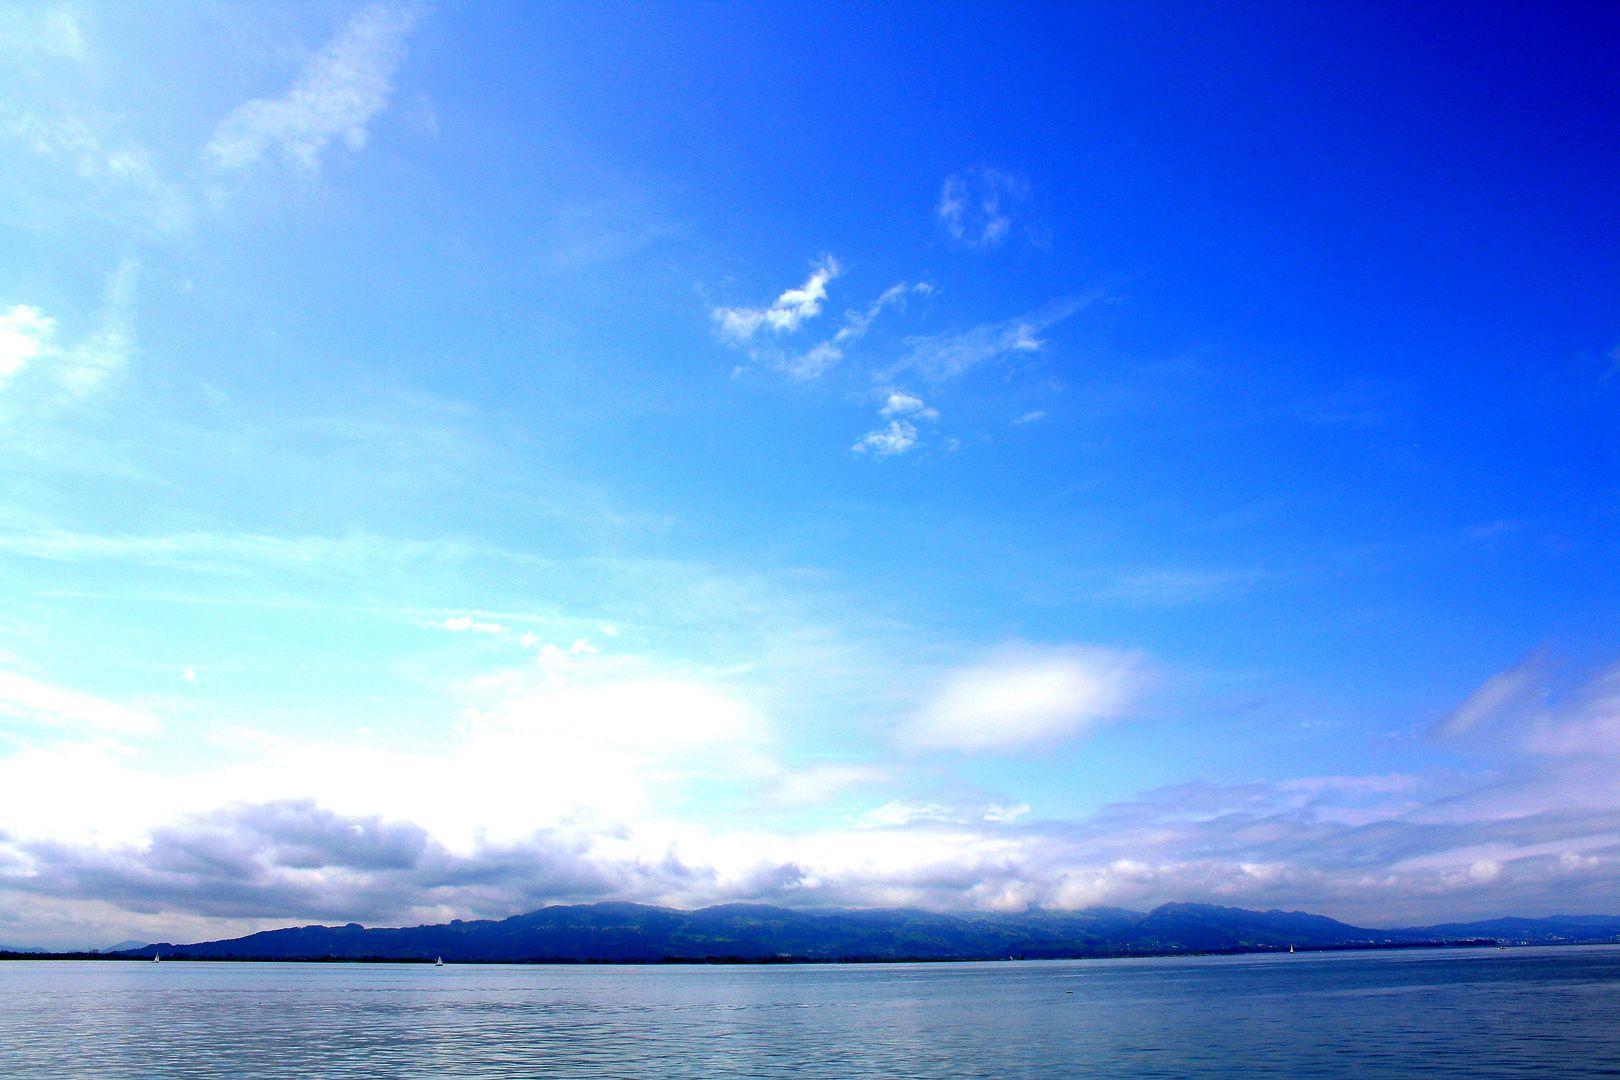 Der Blaue Himmel Foto Bild Himmel Wolken Himmel Universum Blauer Himmel Himmel Foto Bilder